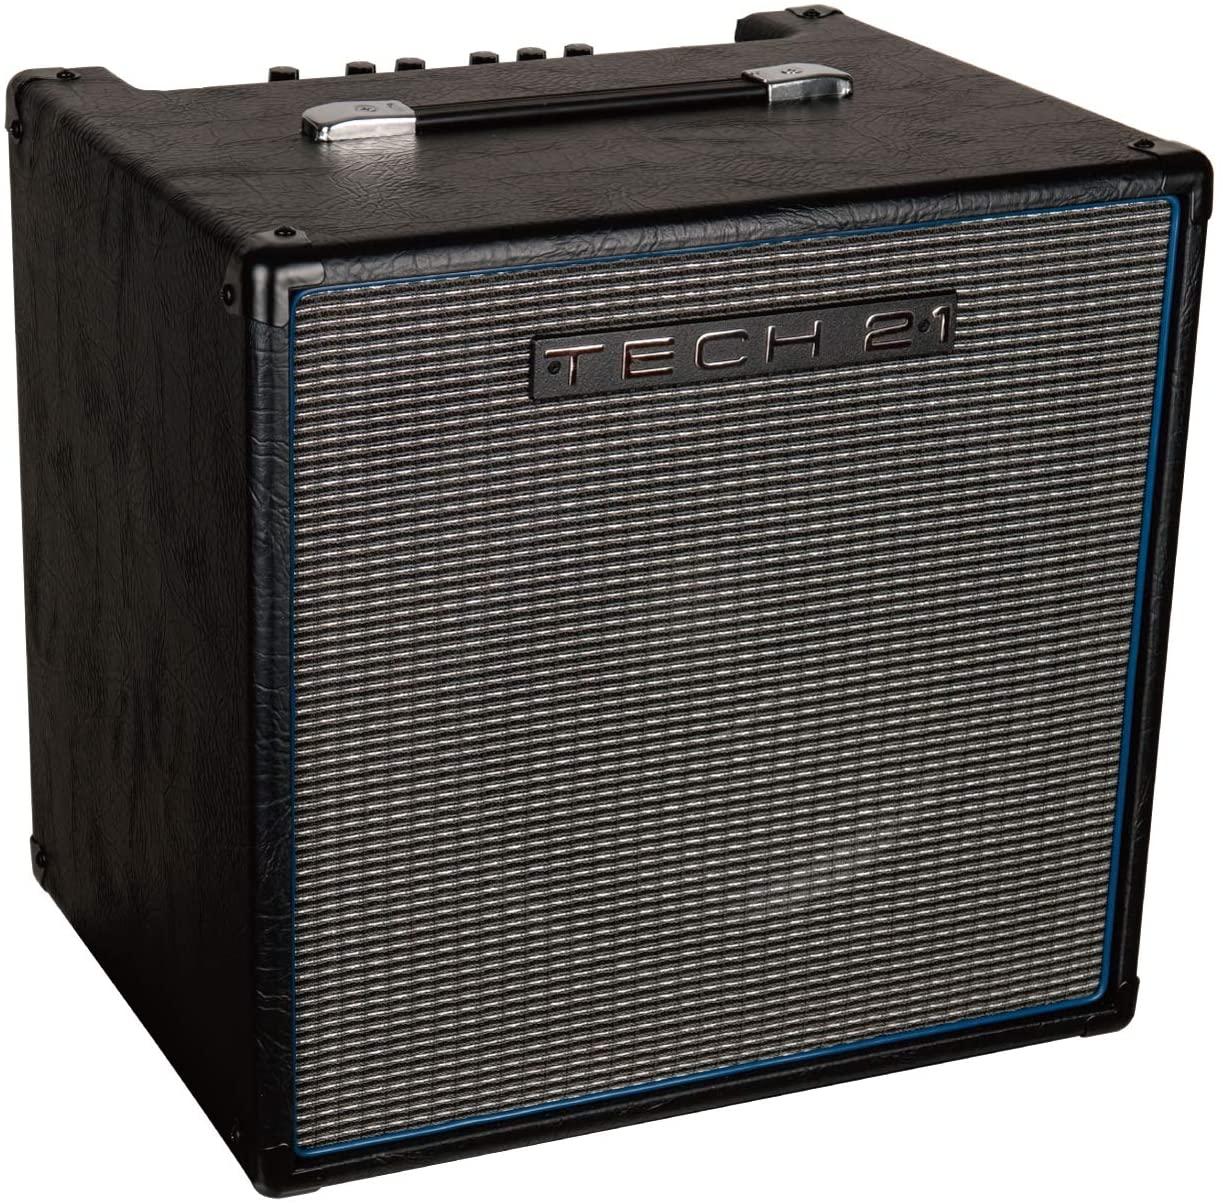 Tech21-VT-Bass-200-combo-per-basso-1x12-200W-sku-2141269714001